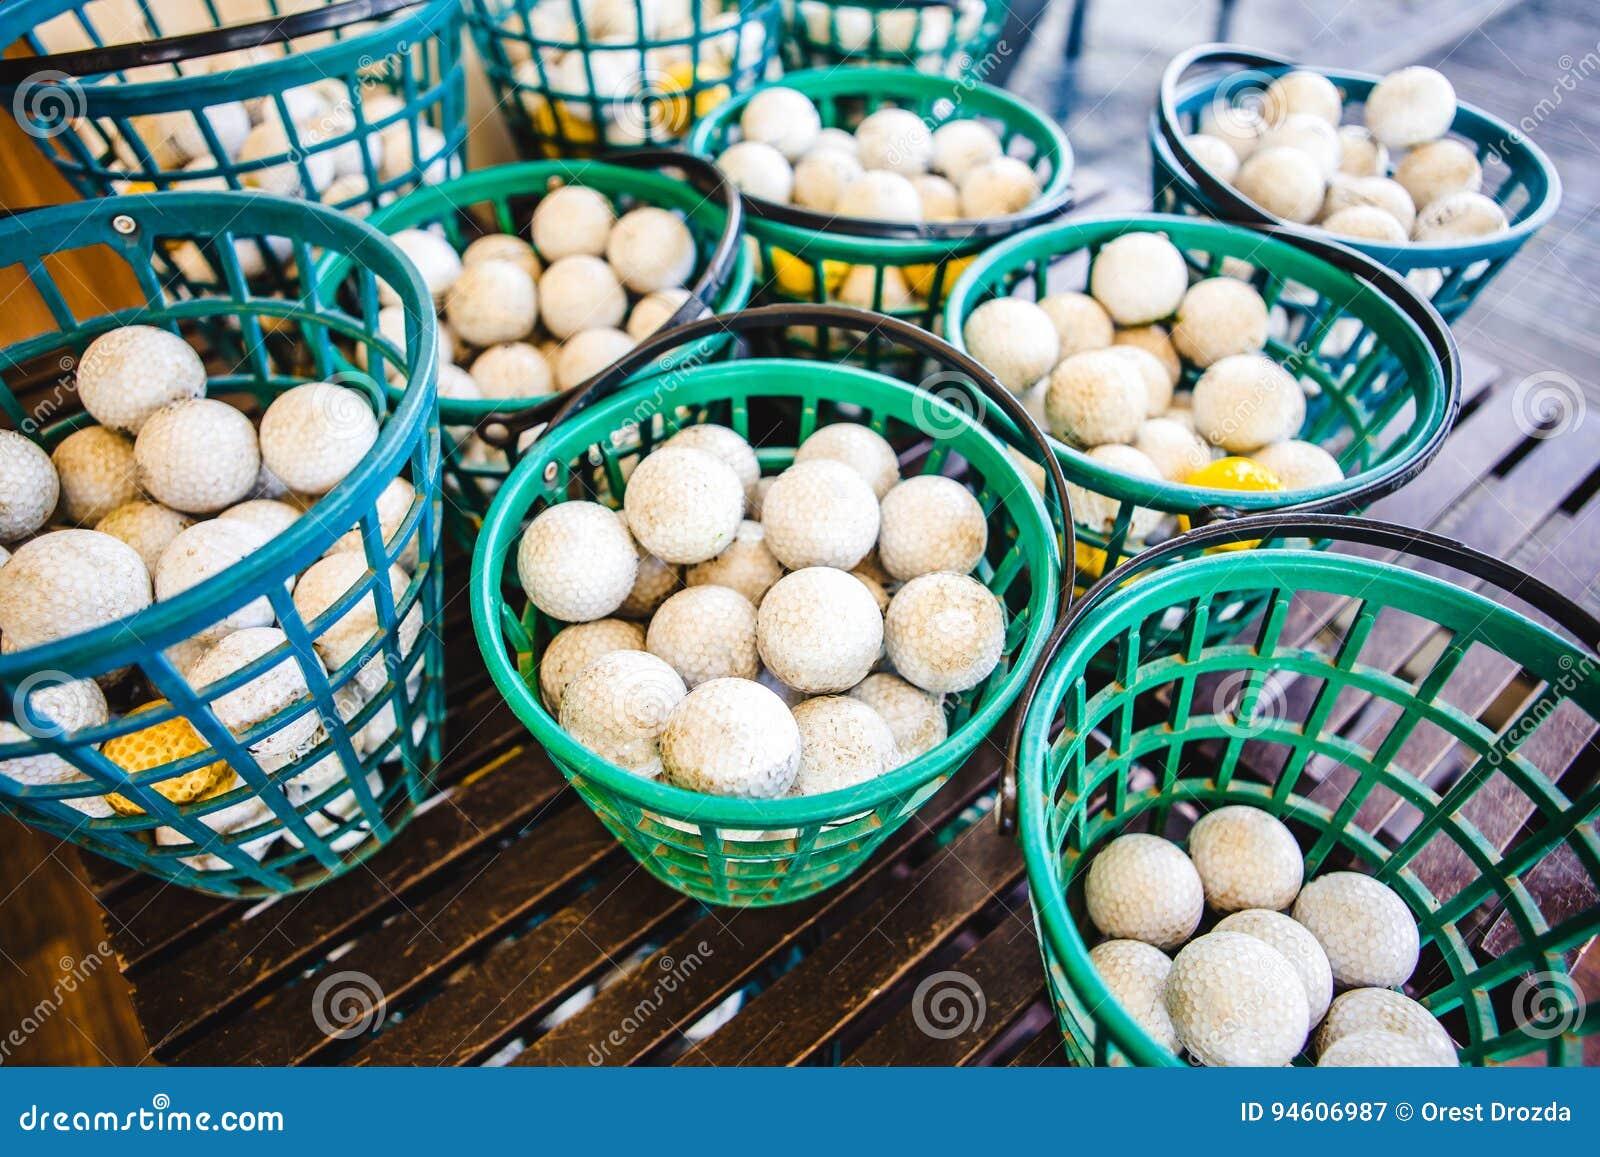 Green Golf Course Series - Ball basket